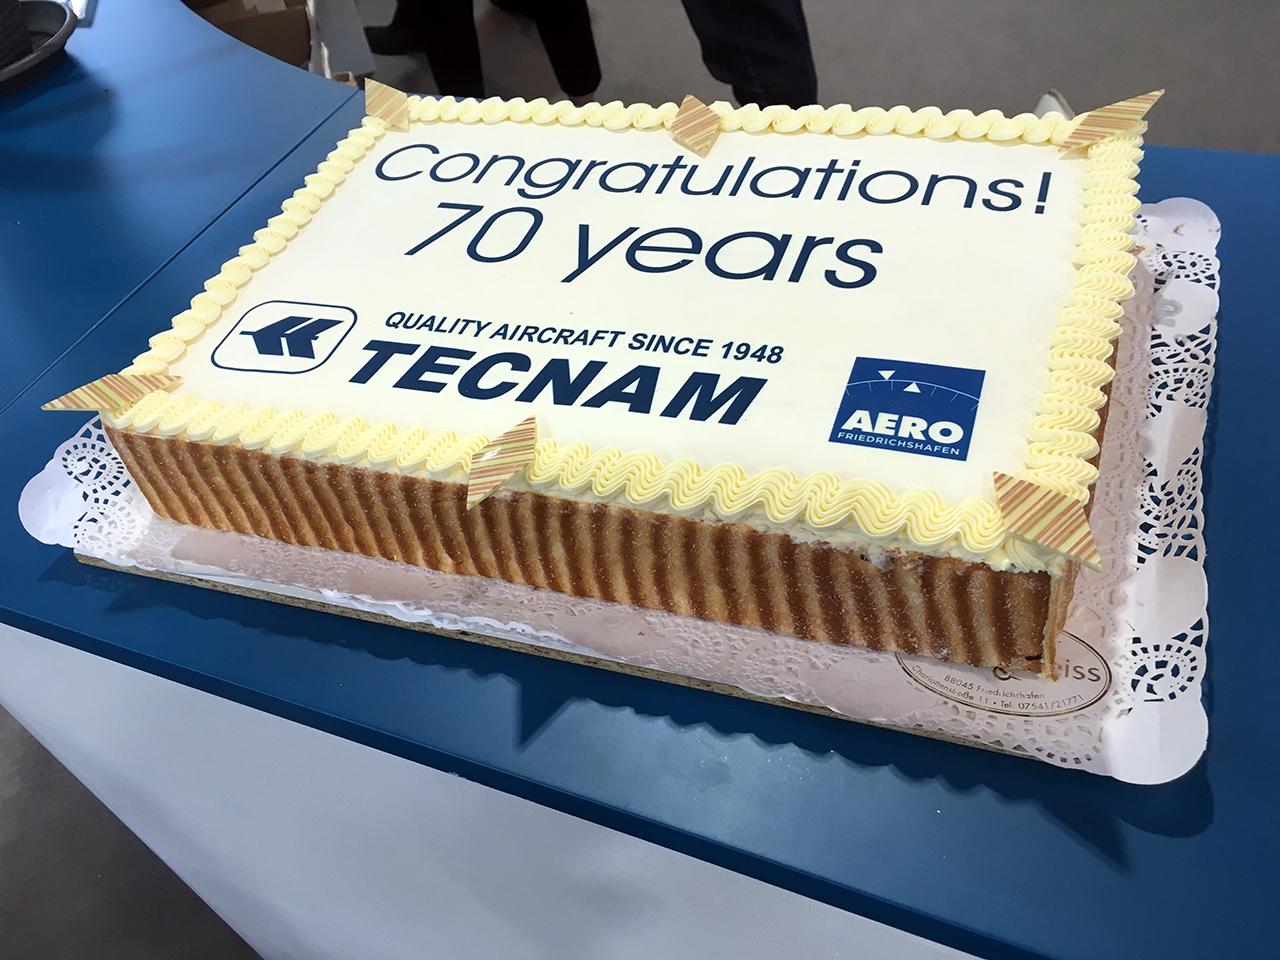 Tecnam 70 years cake